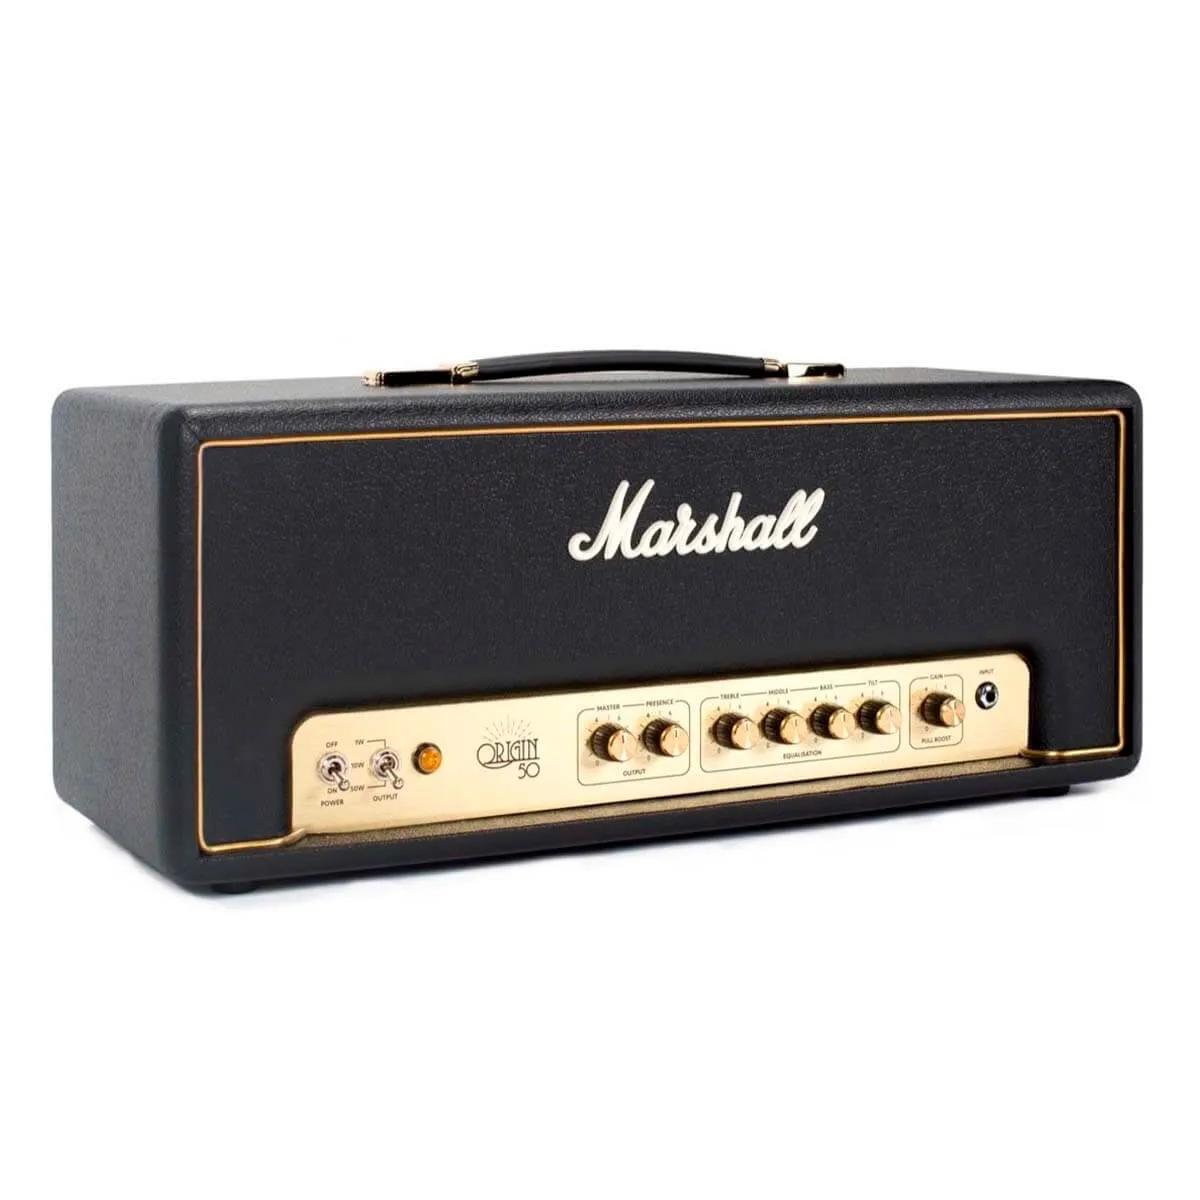 Cabeçote Marshall Origin50H 50W para Guitarra